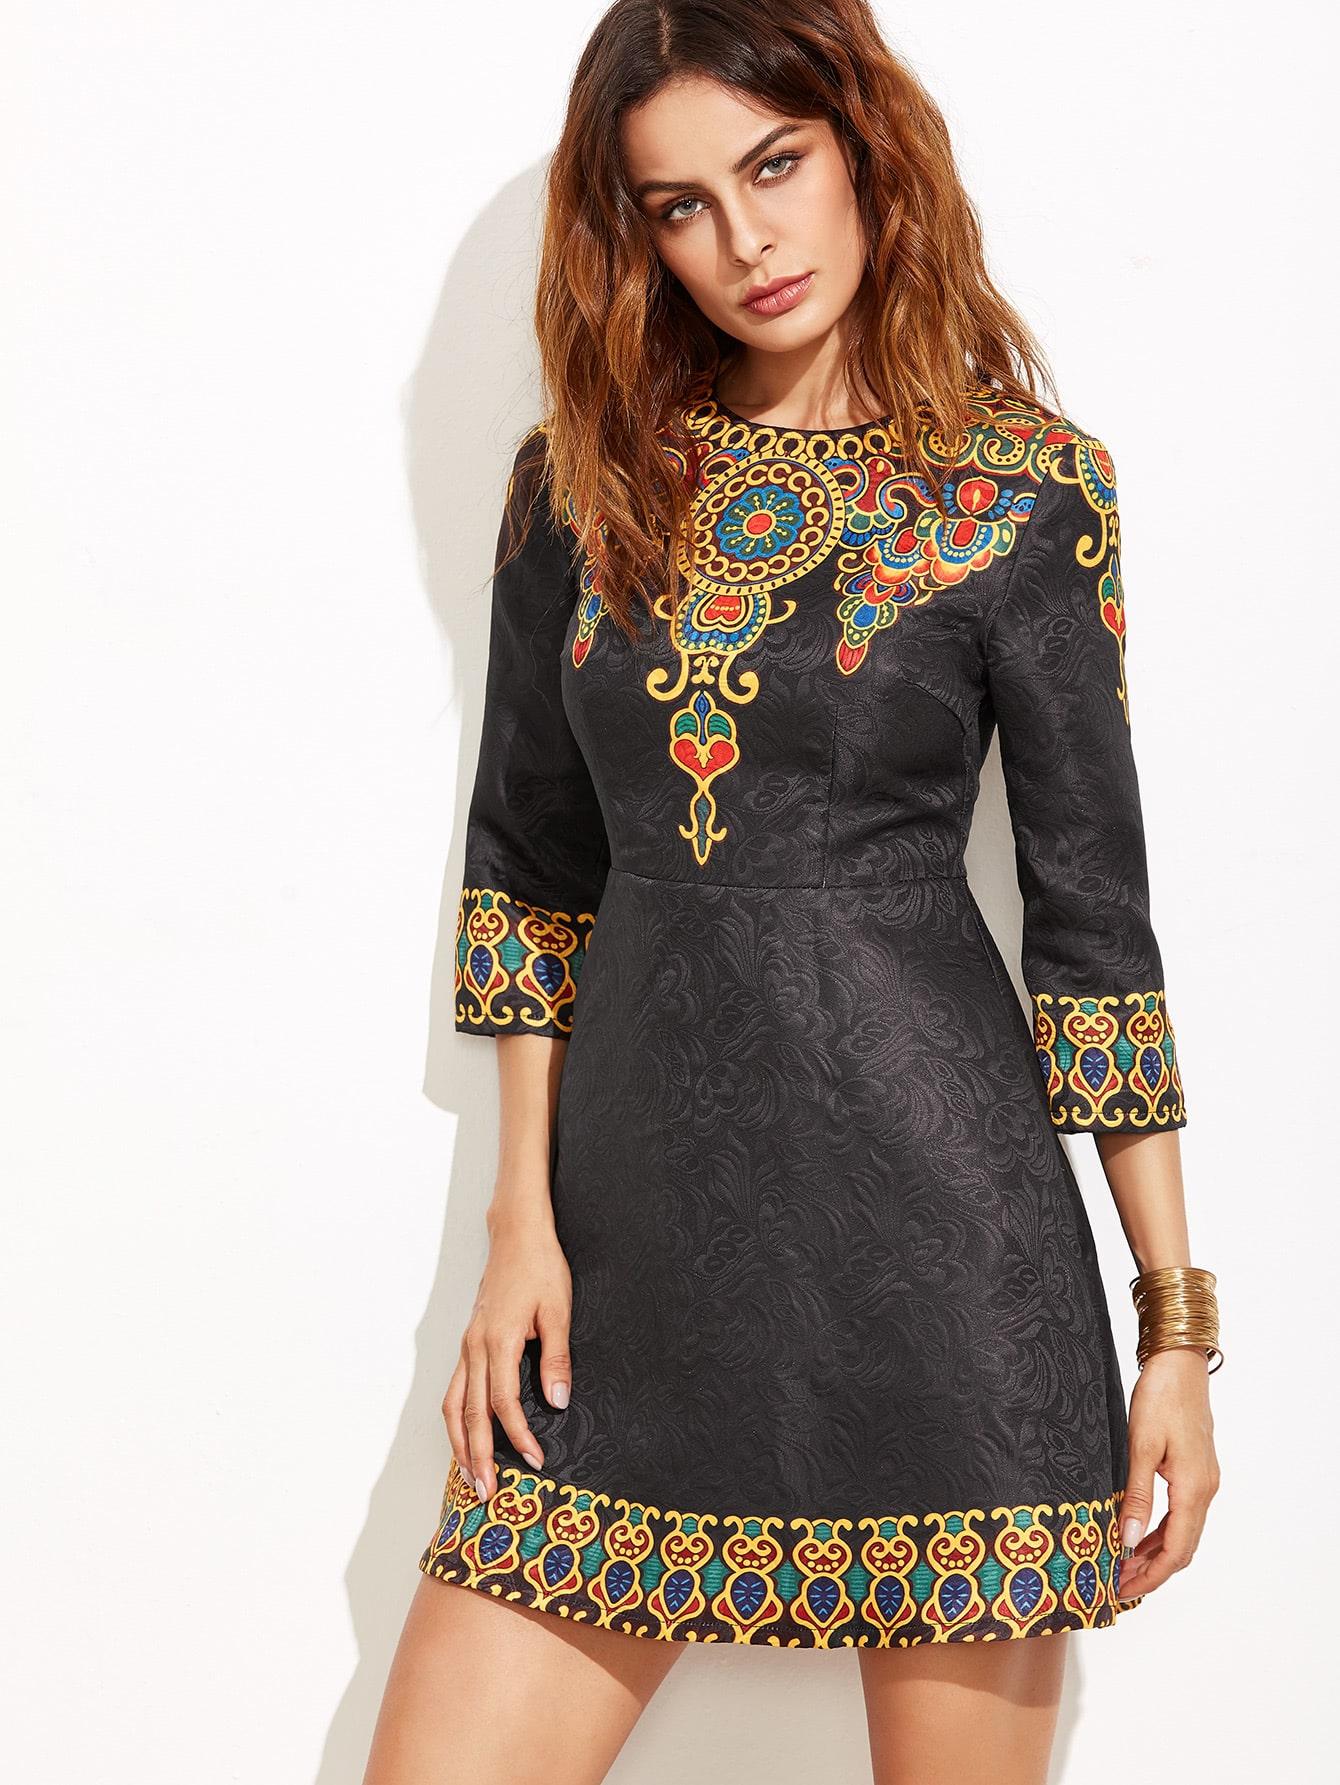 dress160906501_2